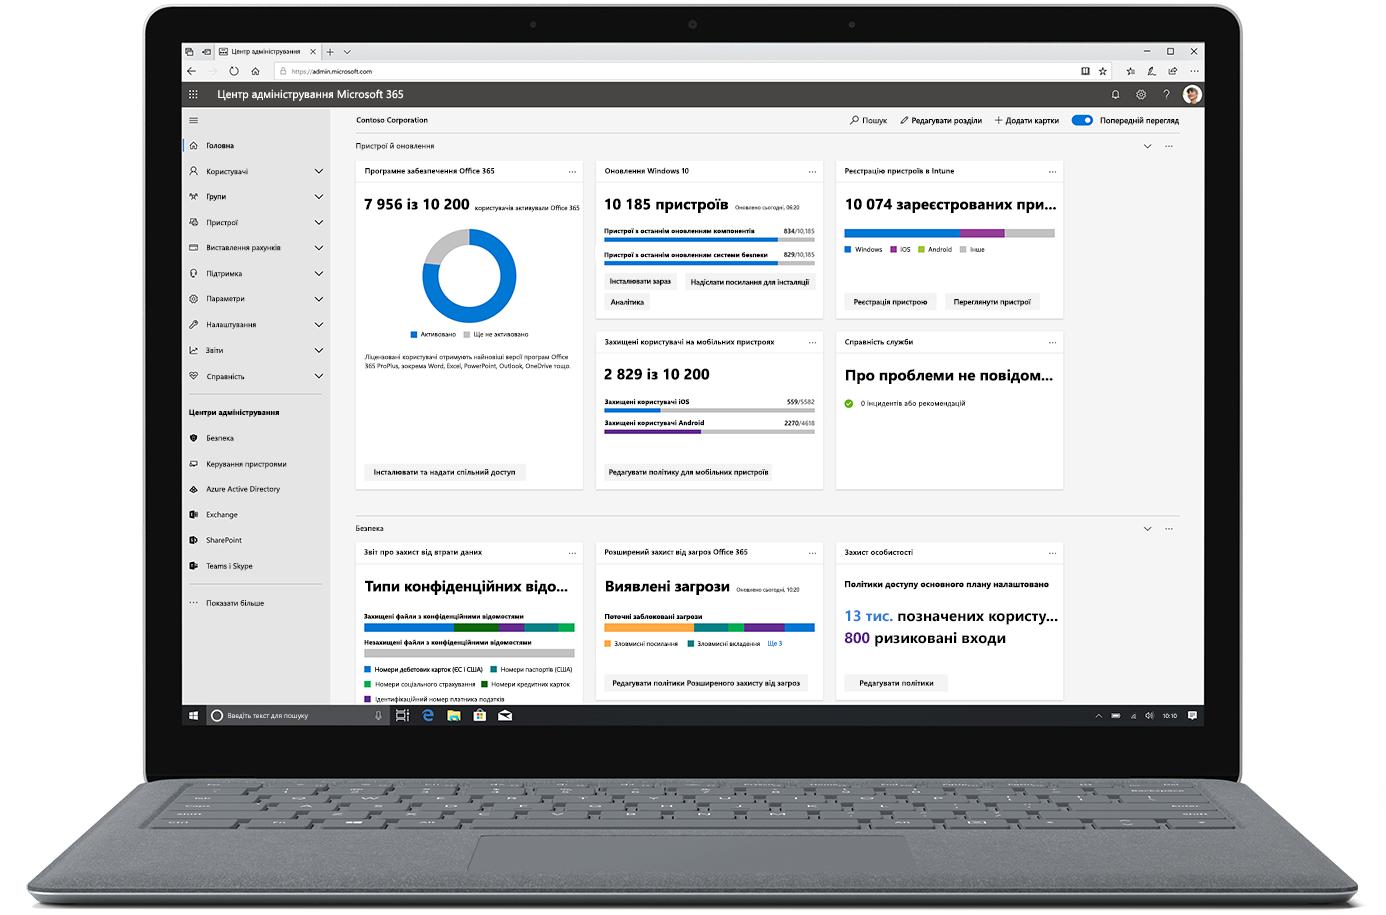 Зображення Центру адміністрування Microsoft365 на відкритому ноутбуці.